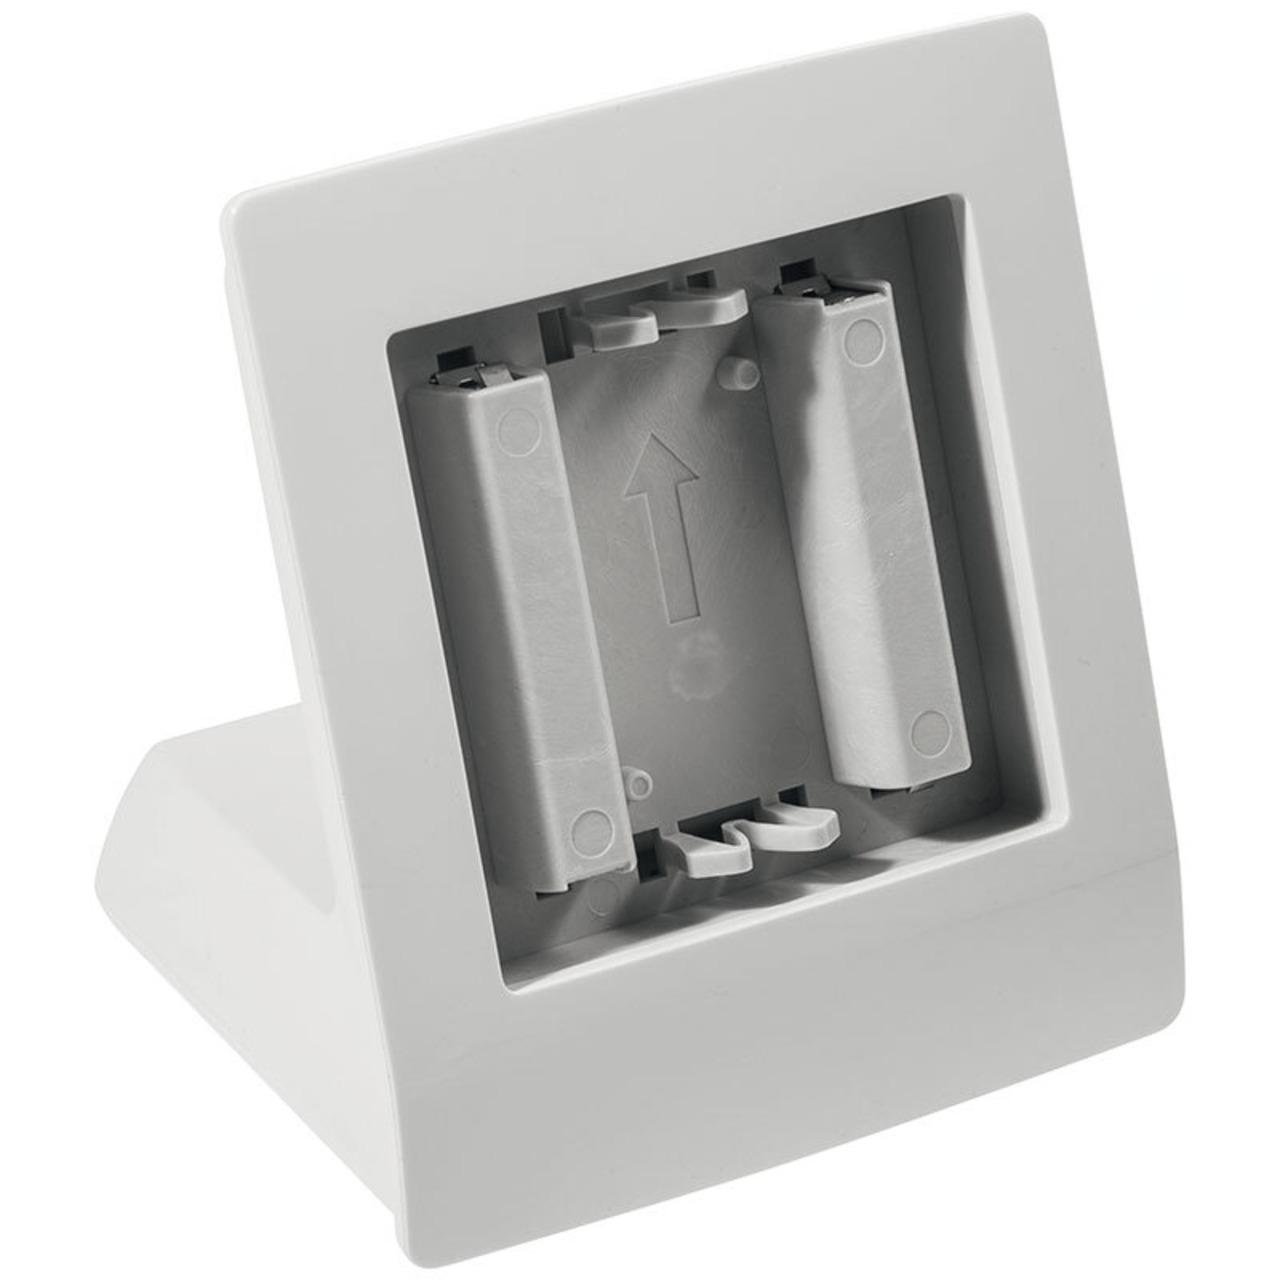 ELV Homematic IP Komplettbausatz Tischaufsteller für batterieversorgte Geräte HMIP-DS55